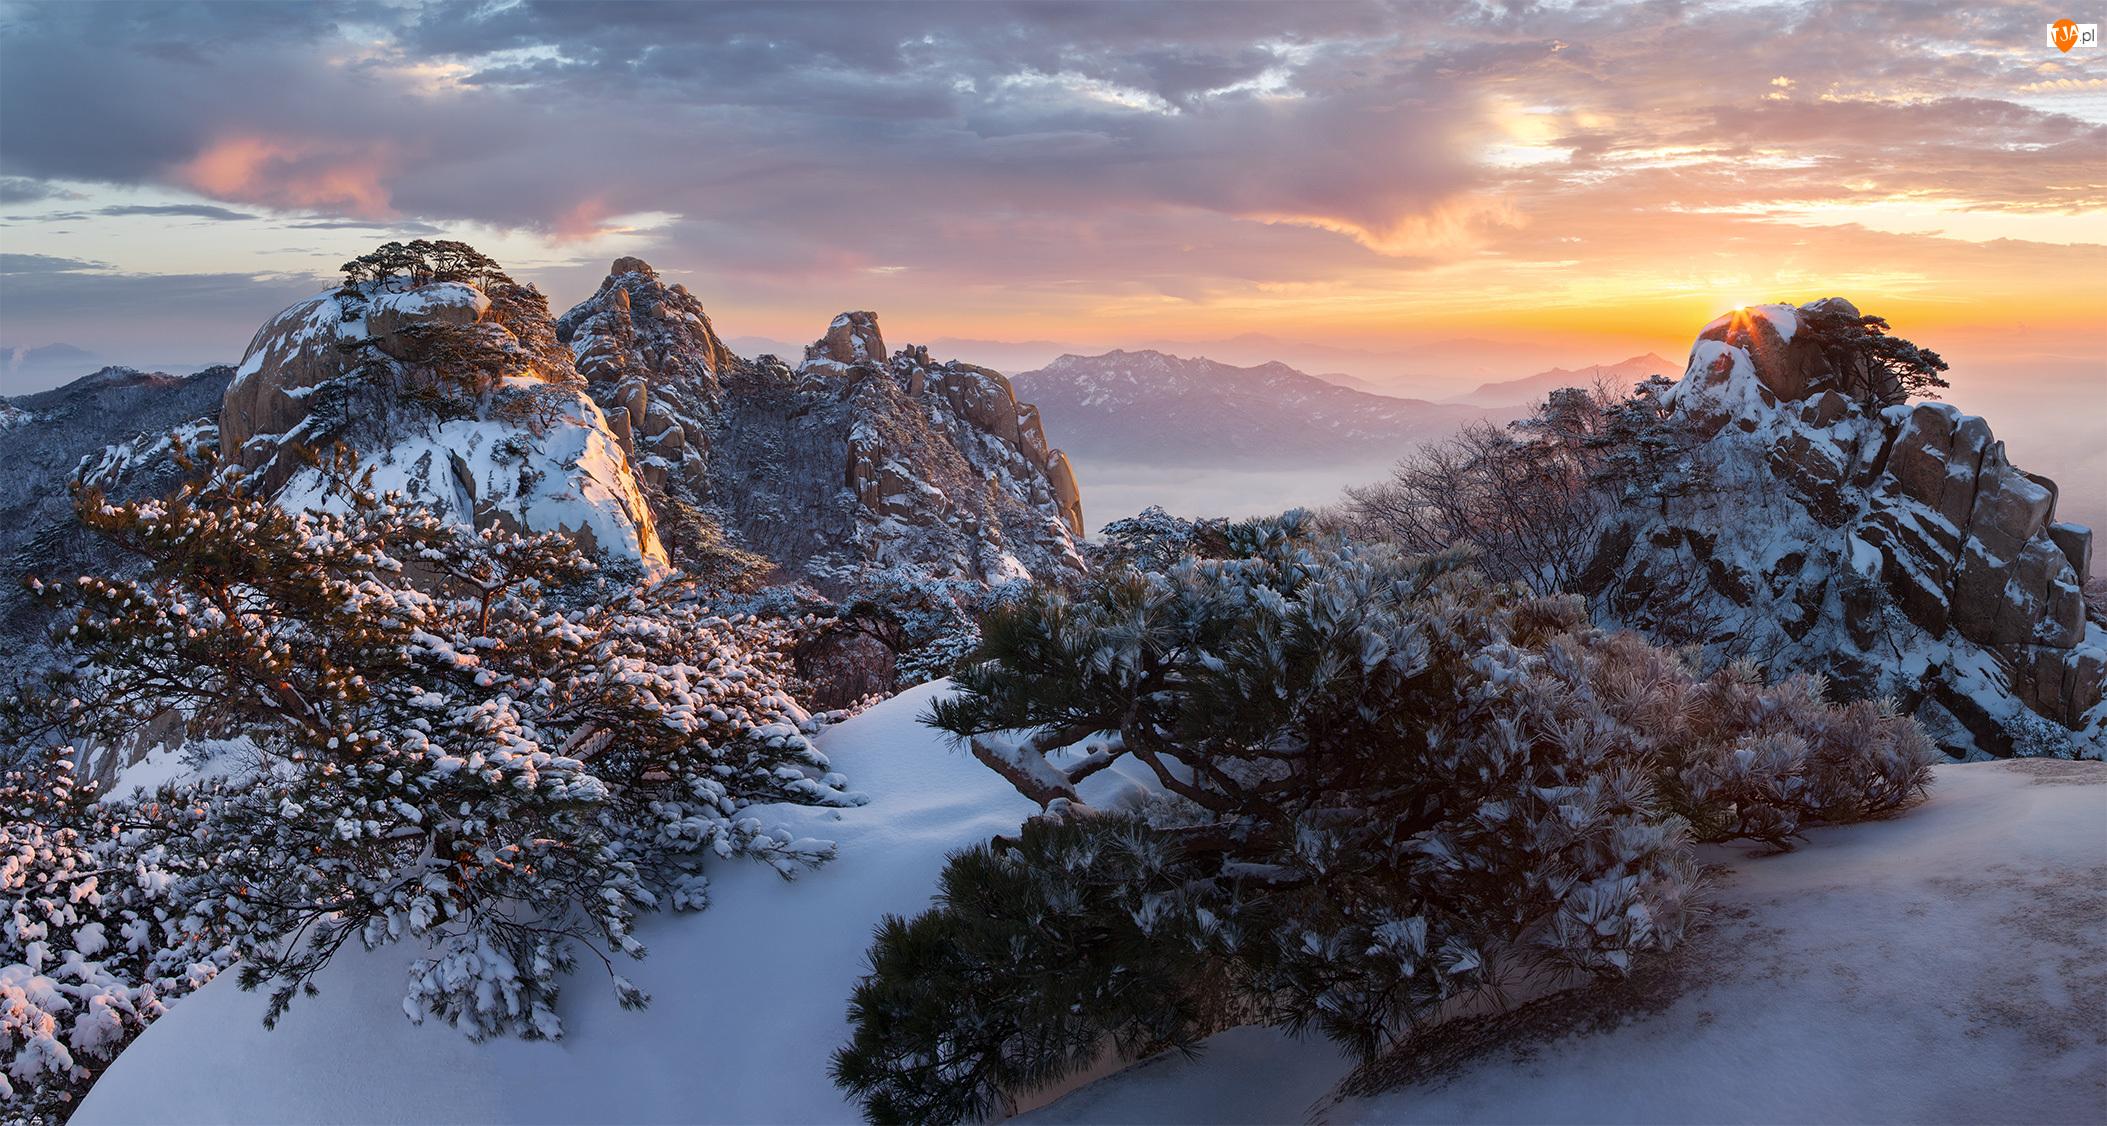 Park Narodowy Bukhansan, Drzewa, Wschód słońca, Roślinność, Góry, Chmury, Skały, Zima, Mgła, Góra Dobongsan, Korea Południowa